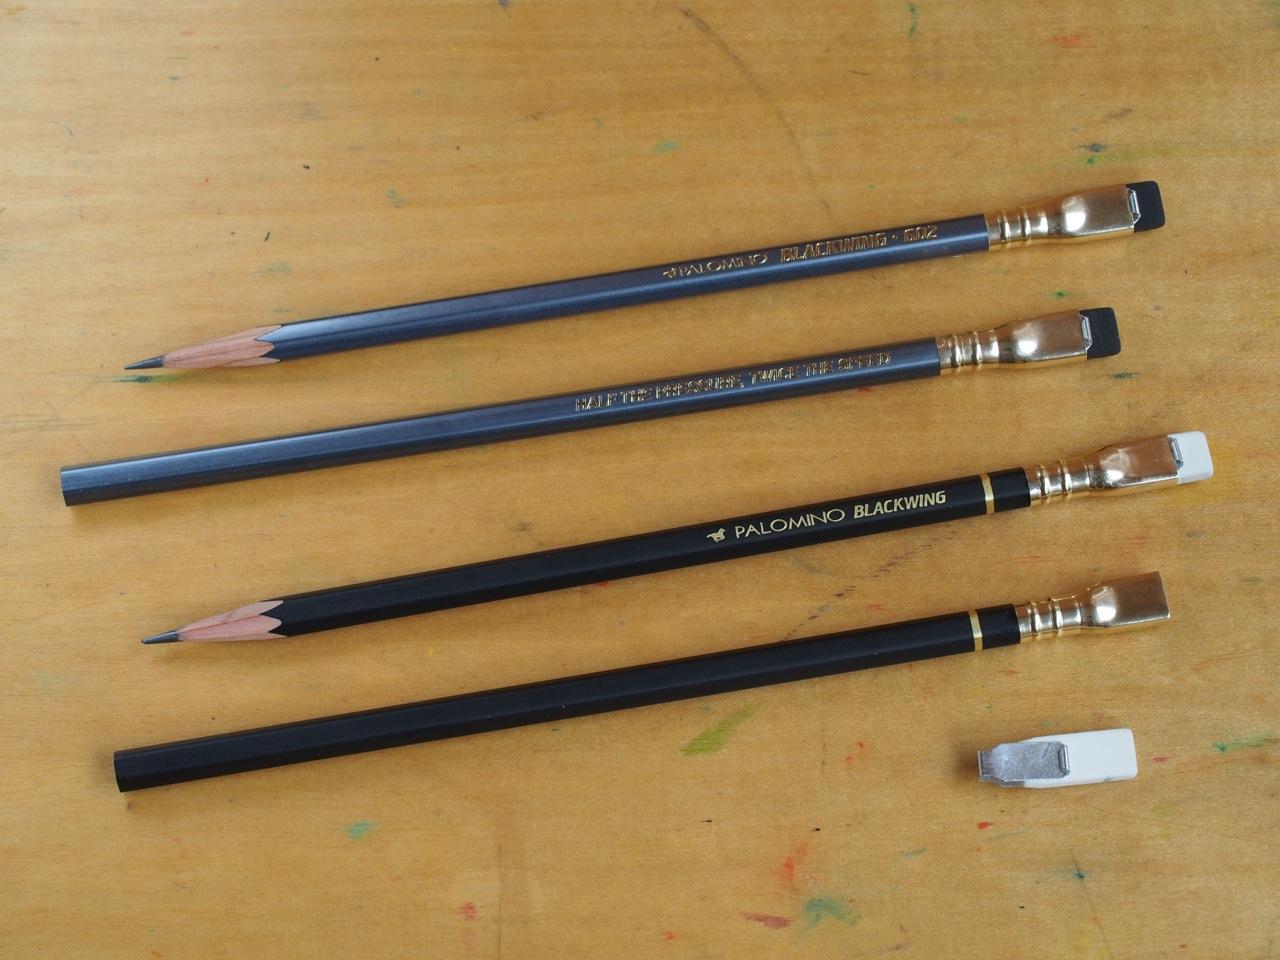 著名クリエーターが愛用した伝説の鉛筆